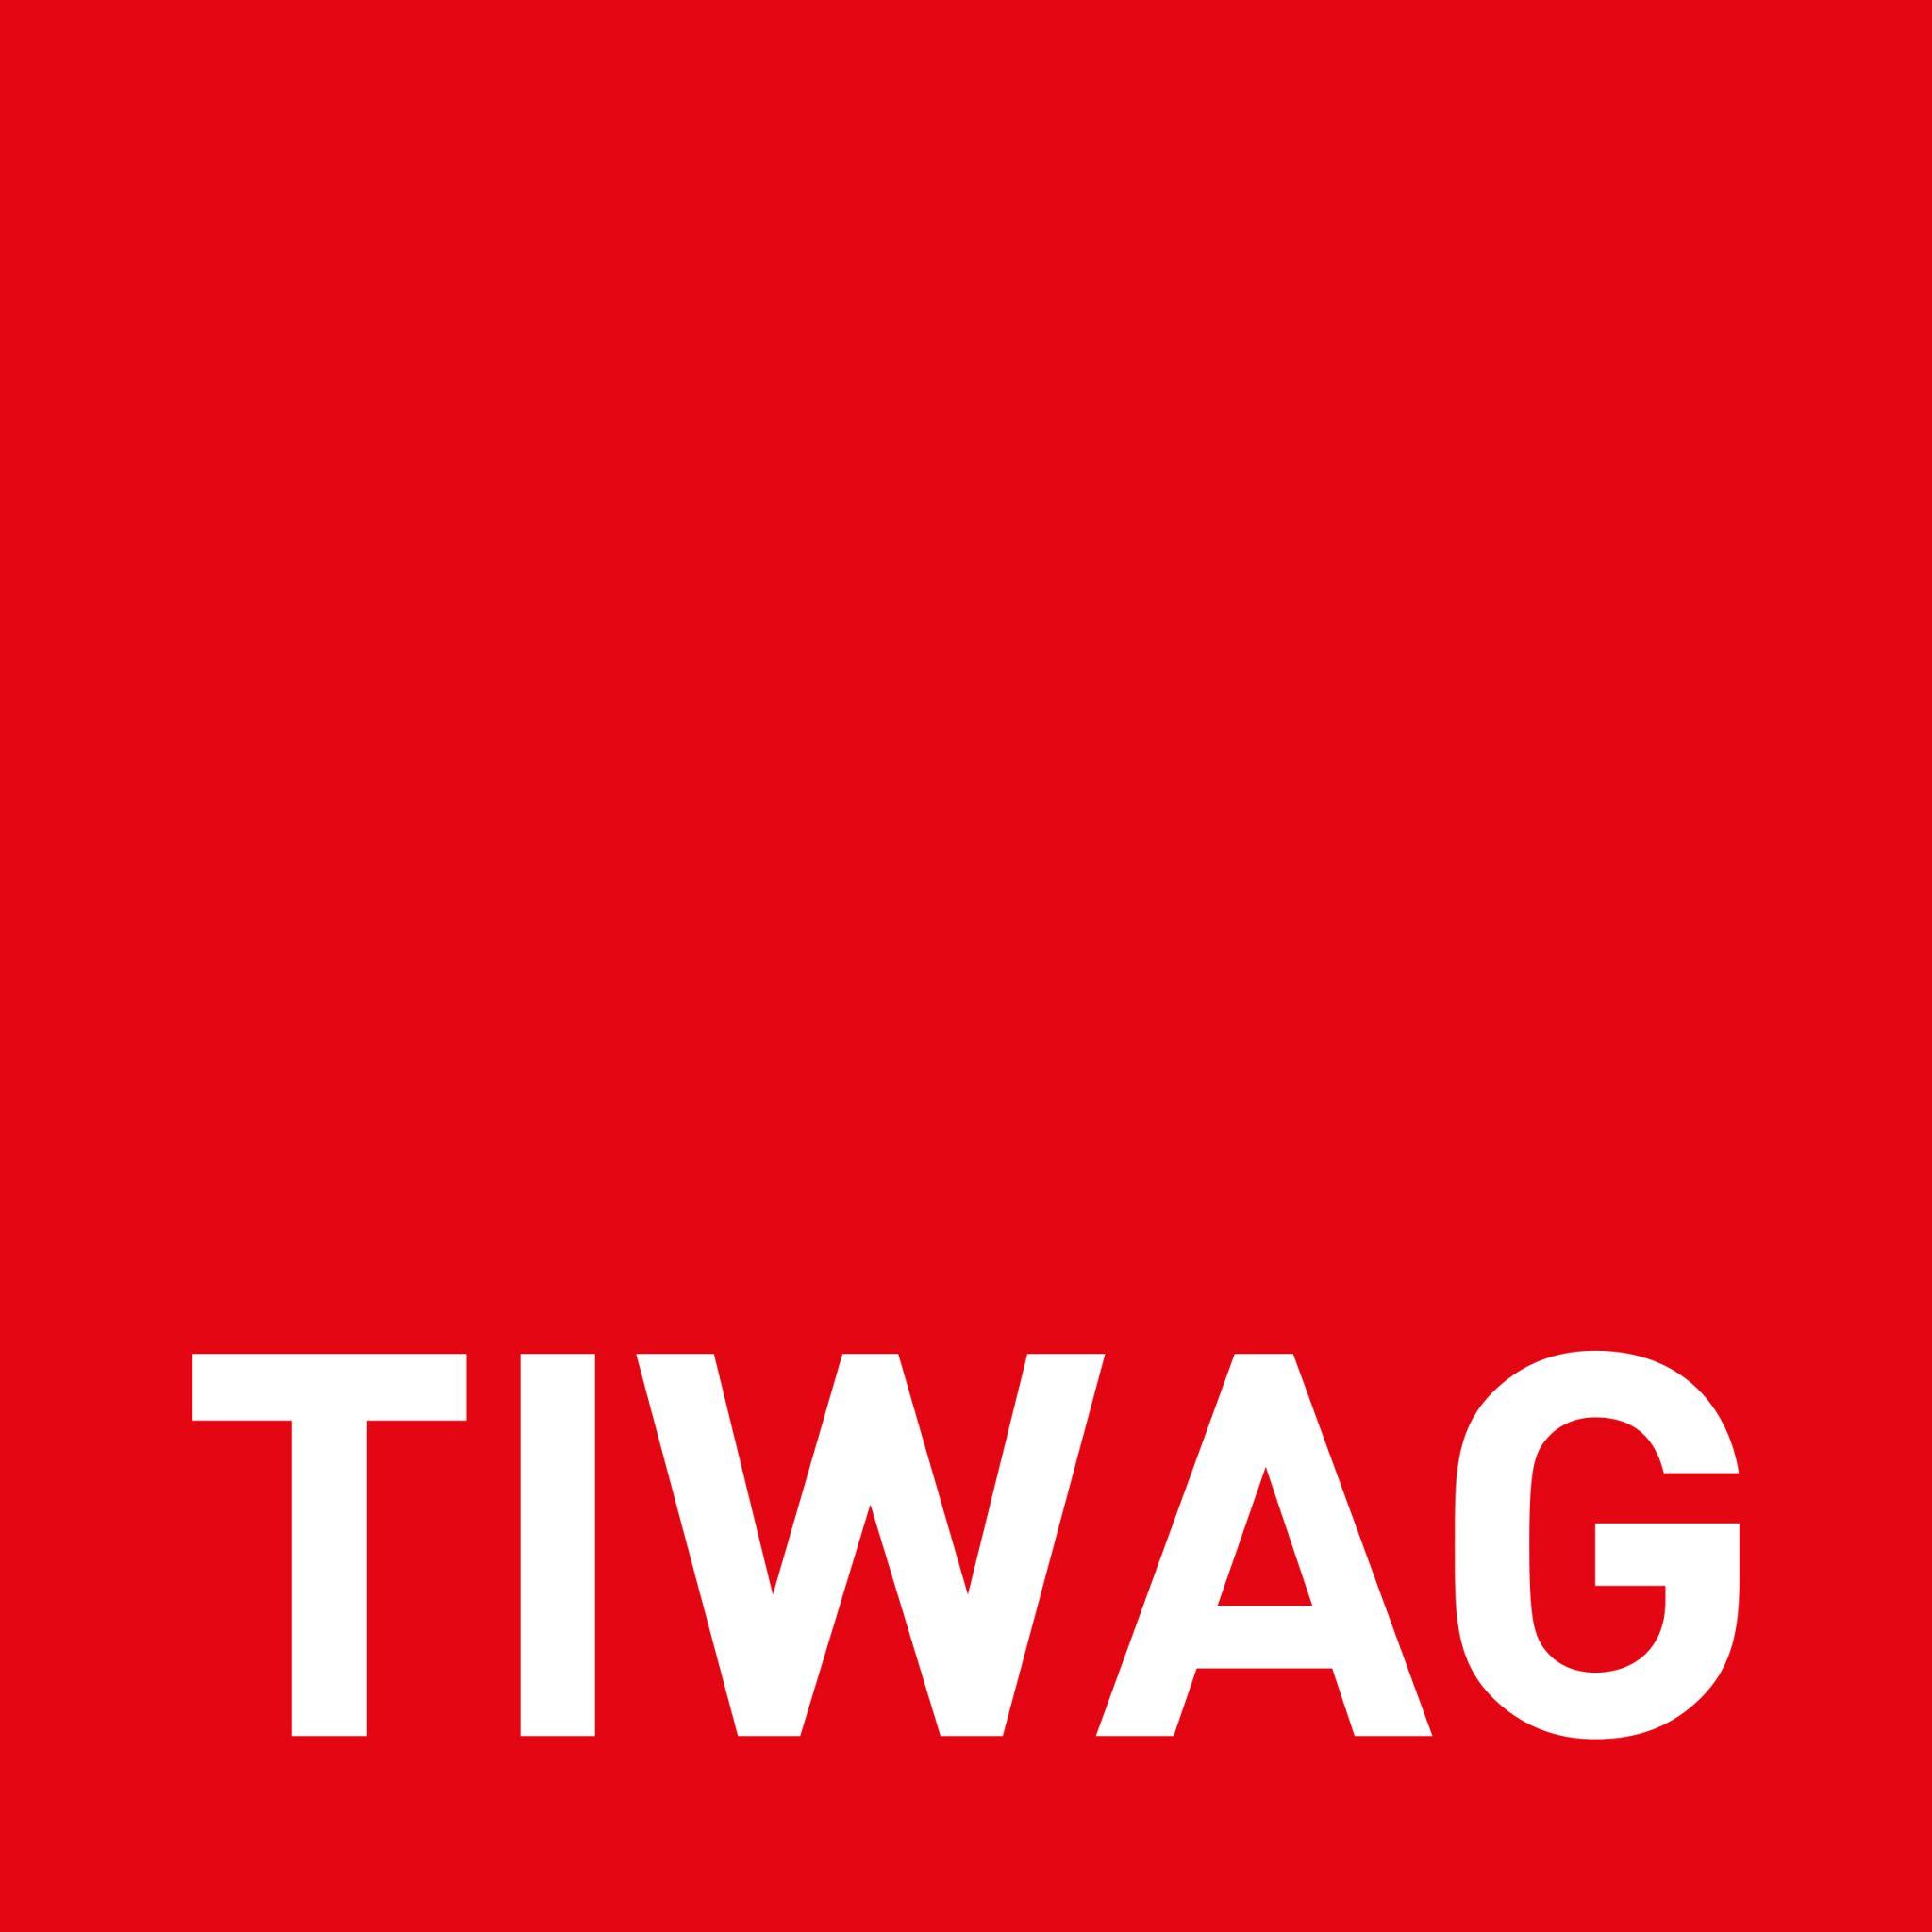 TIWAG